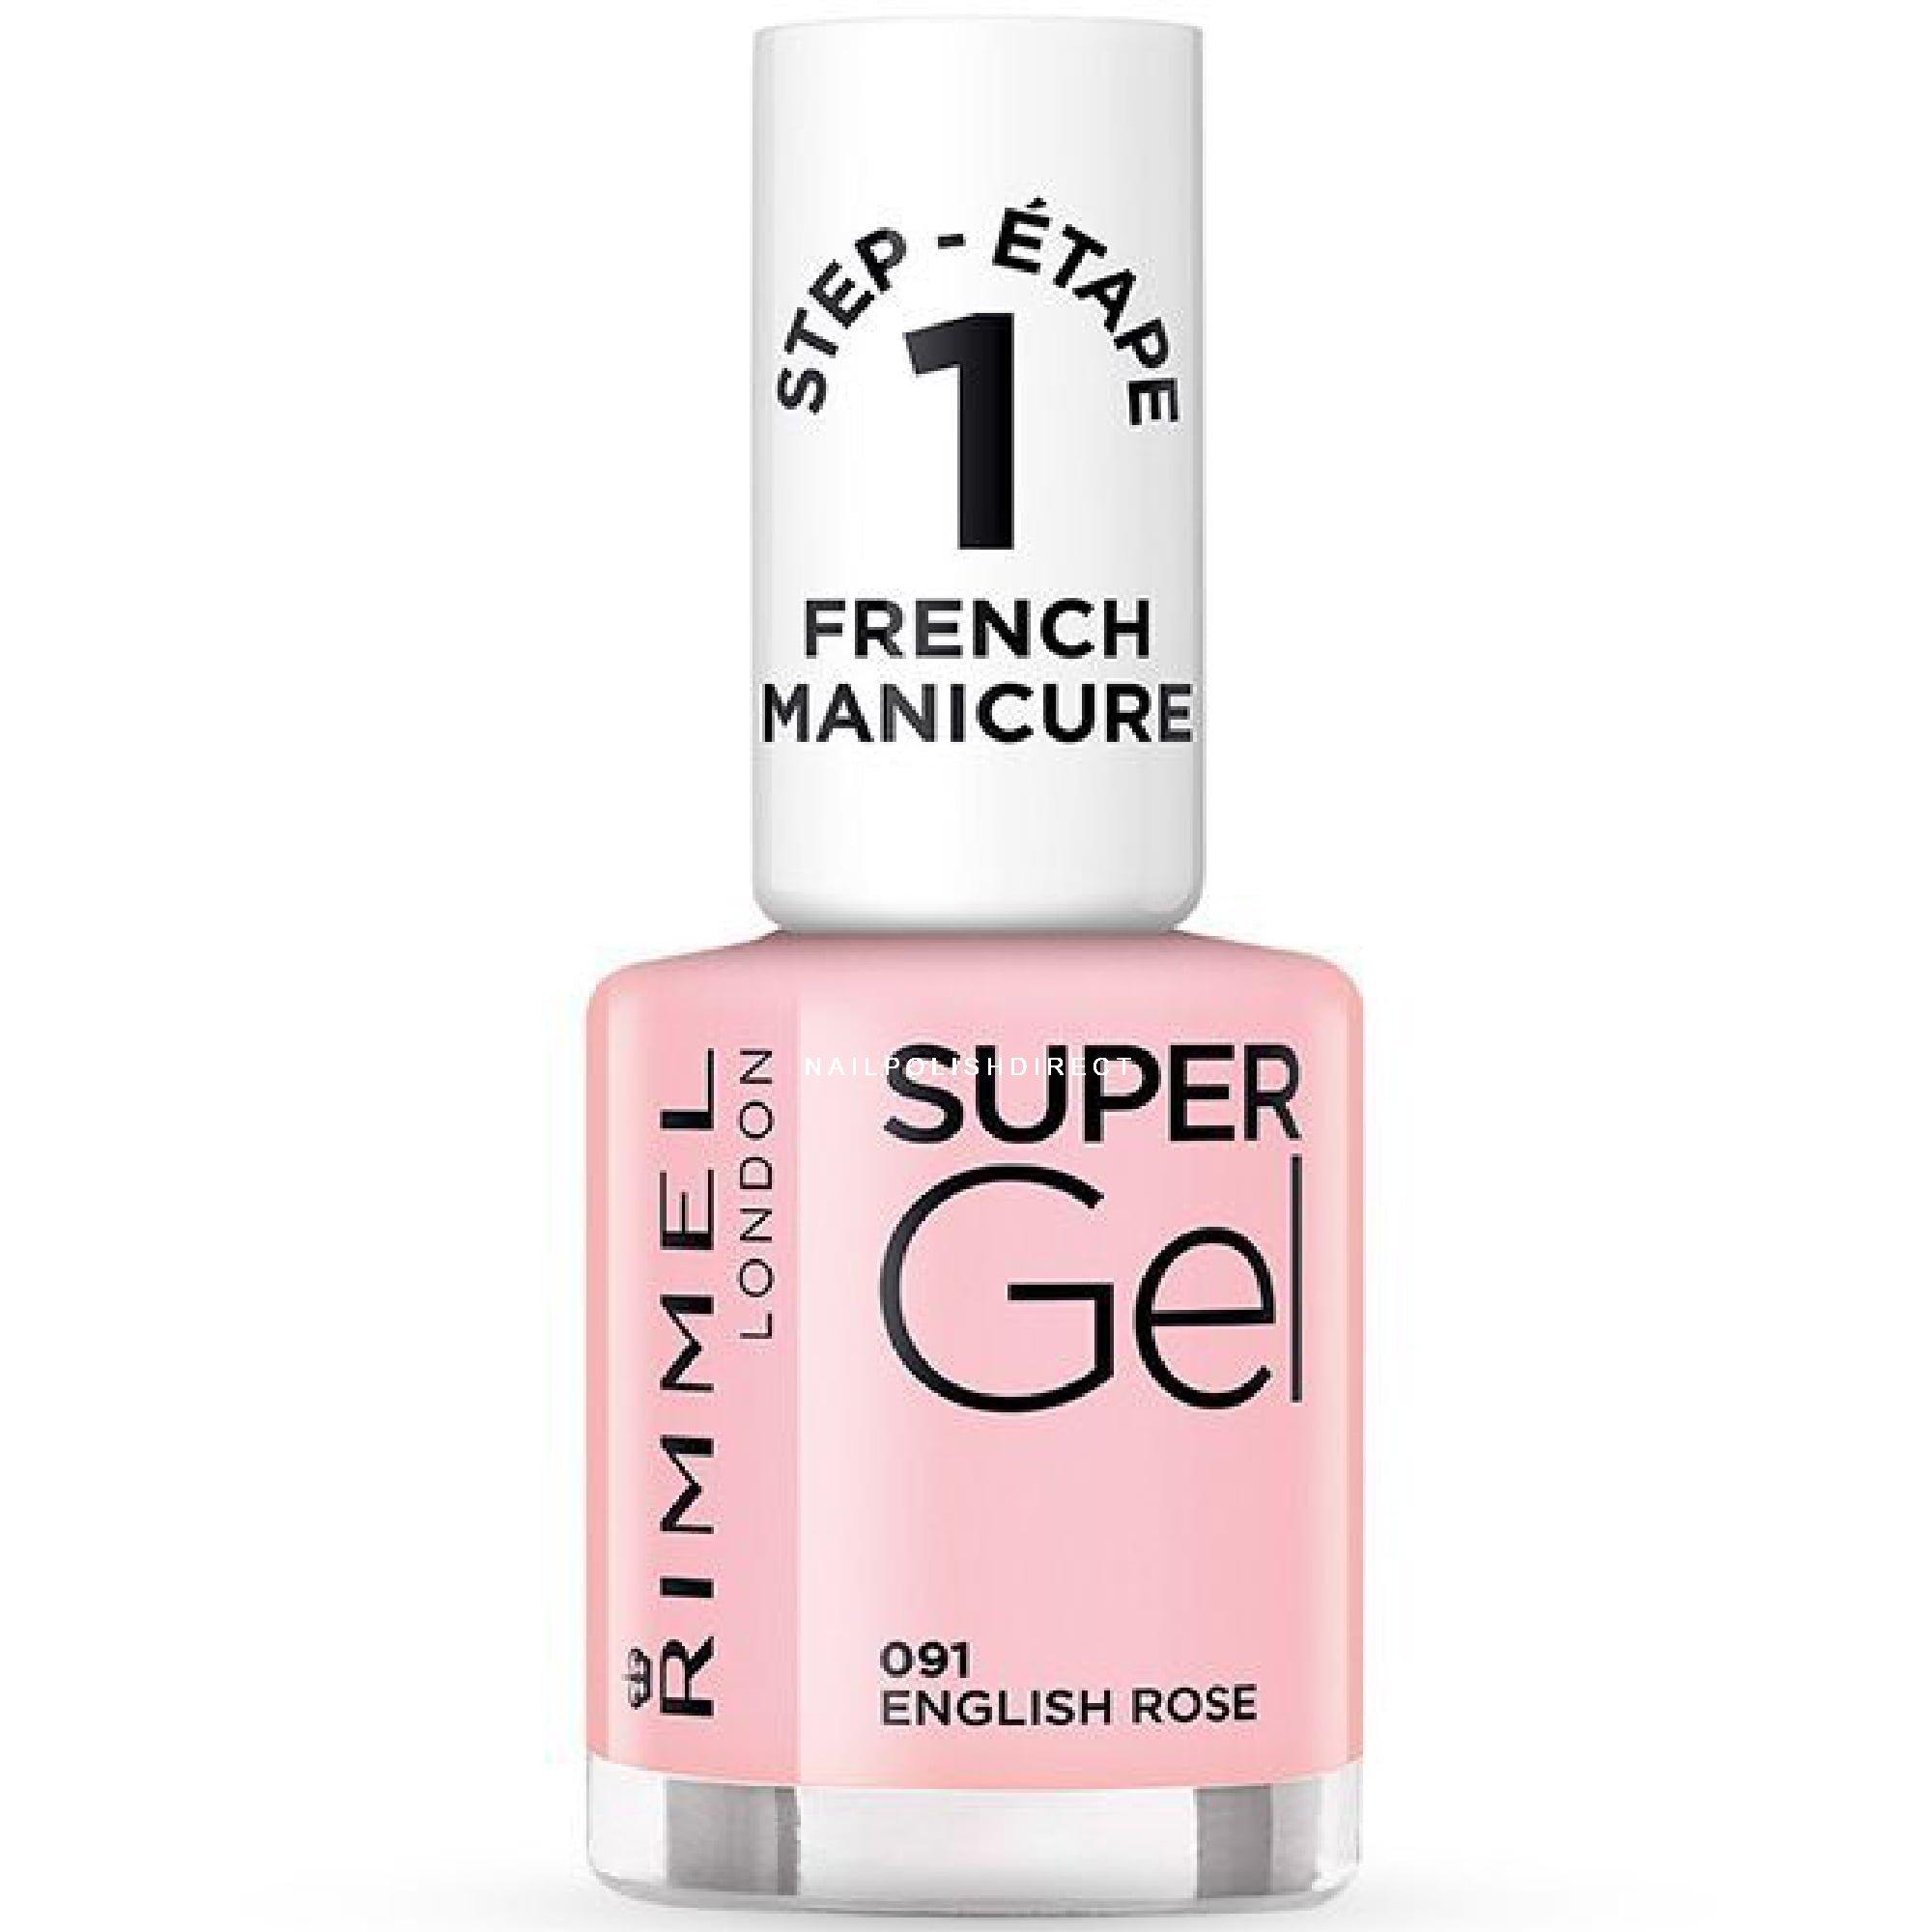 Rimmel London Super Gel Colour Nail Polish - English Rose (091) 12ml